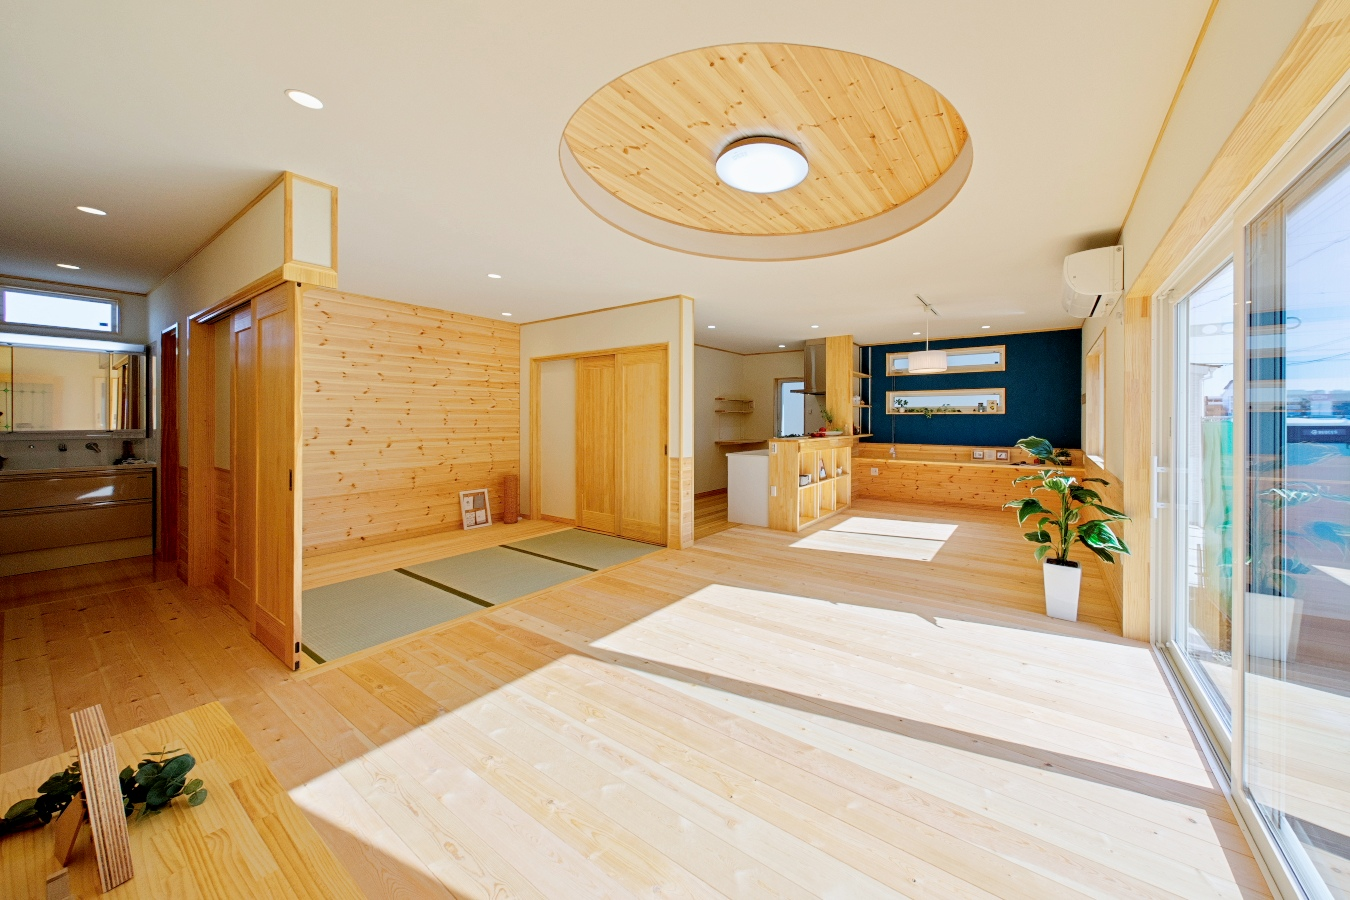 丸型掘り上げ天井がおしゃれ!わんちゃんと住む、木のぬくもりたっぷり自然素材の平屋